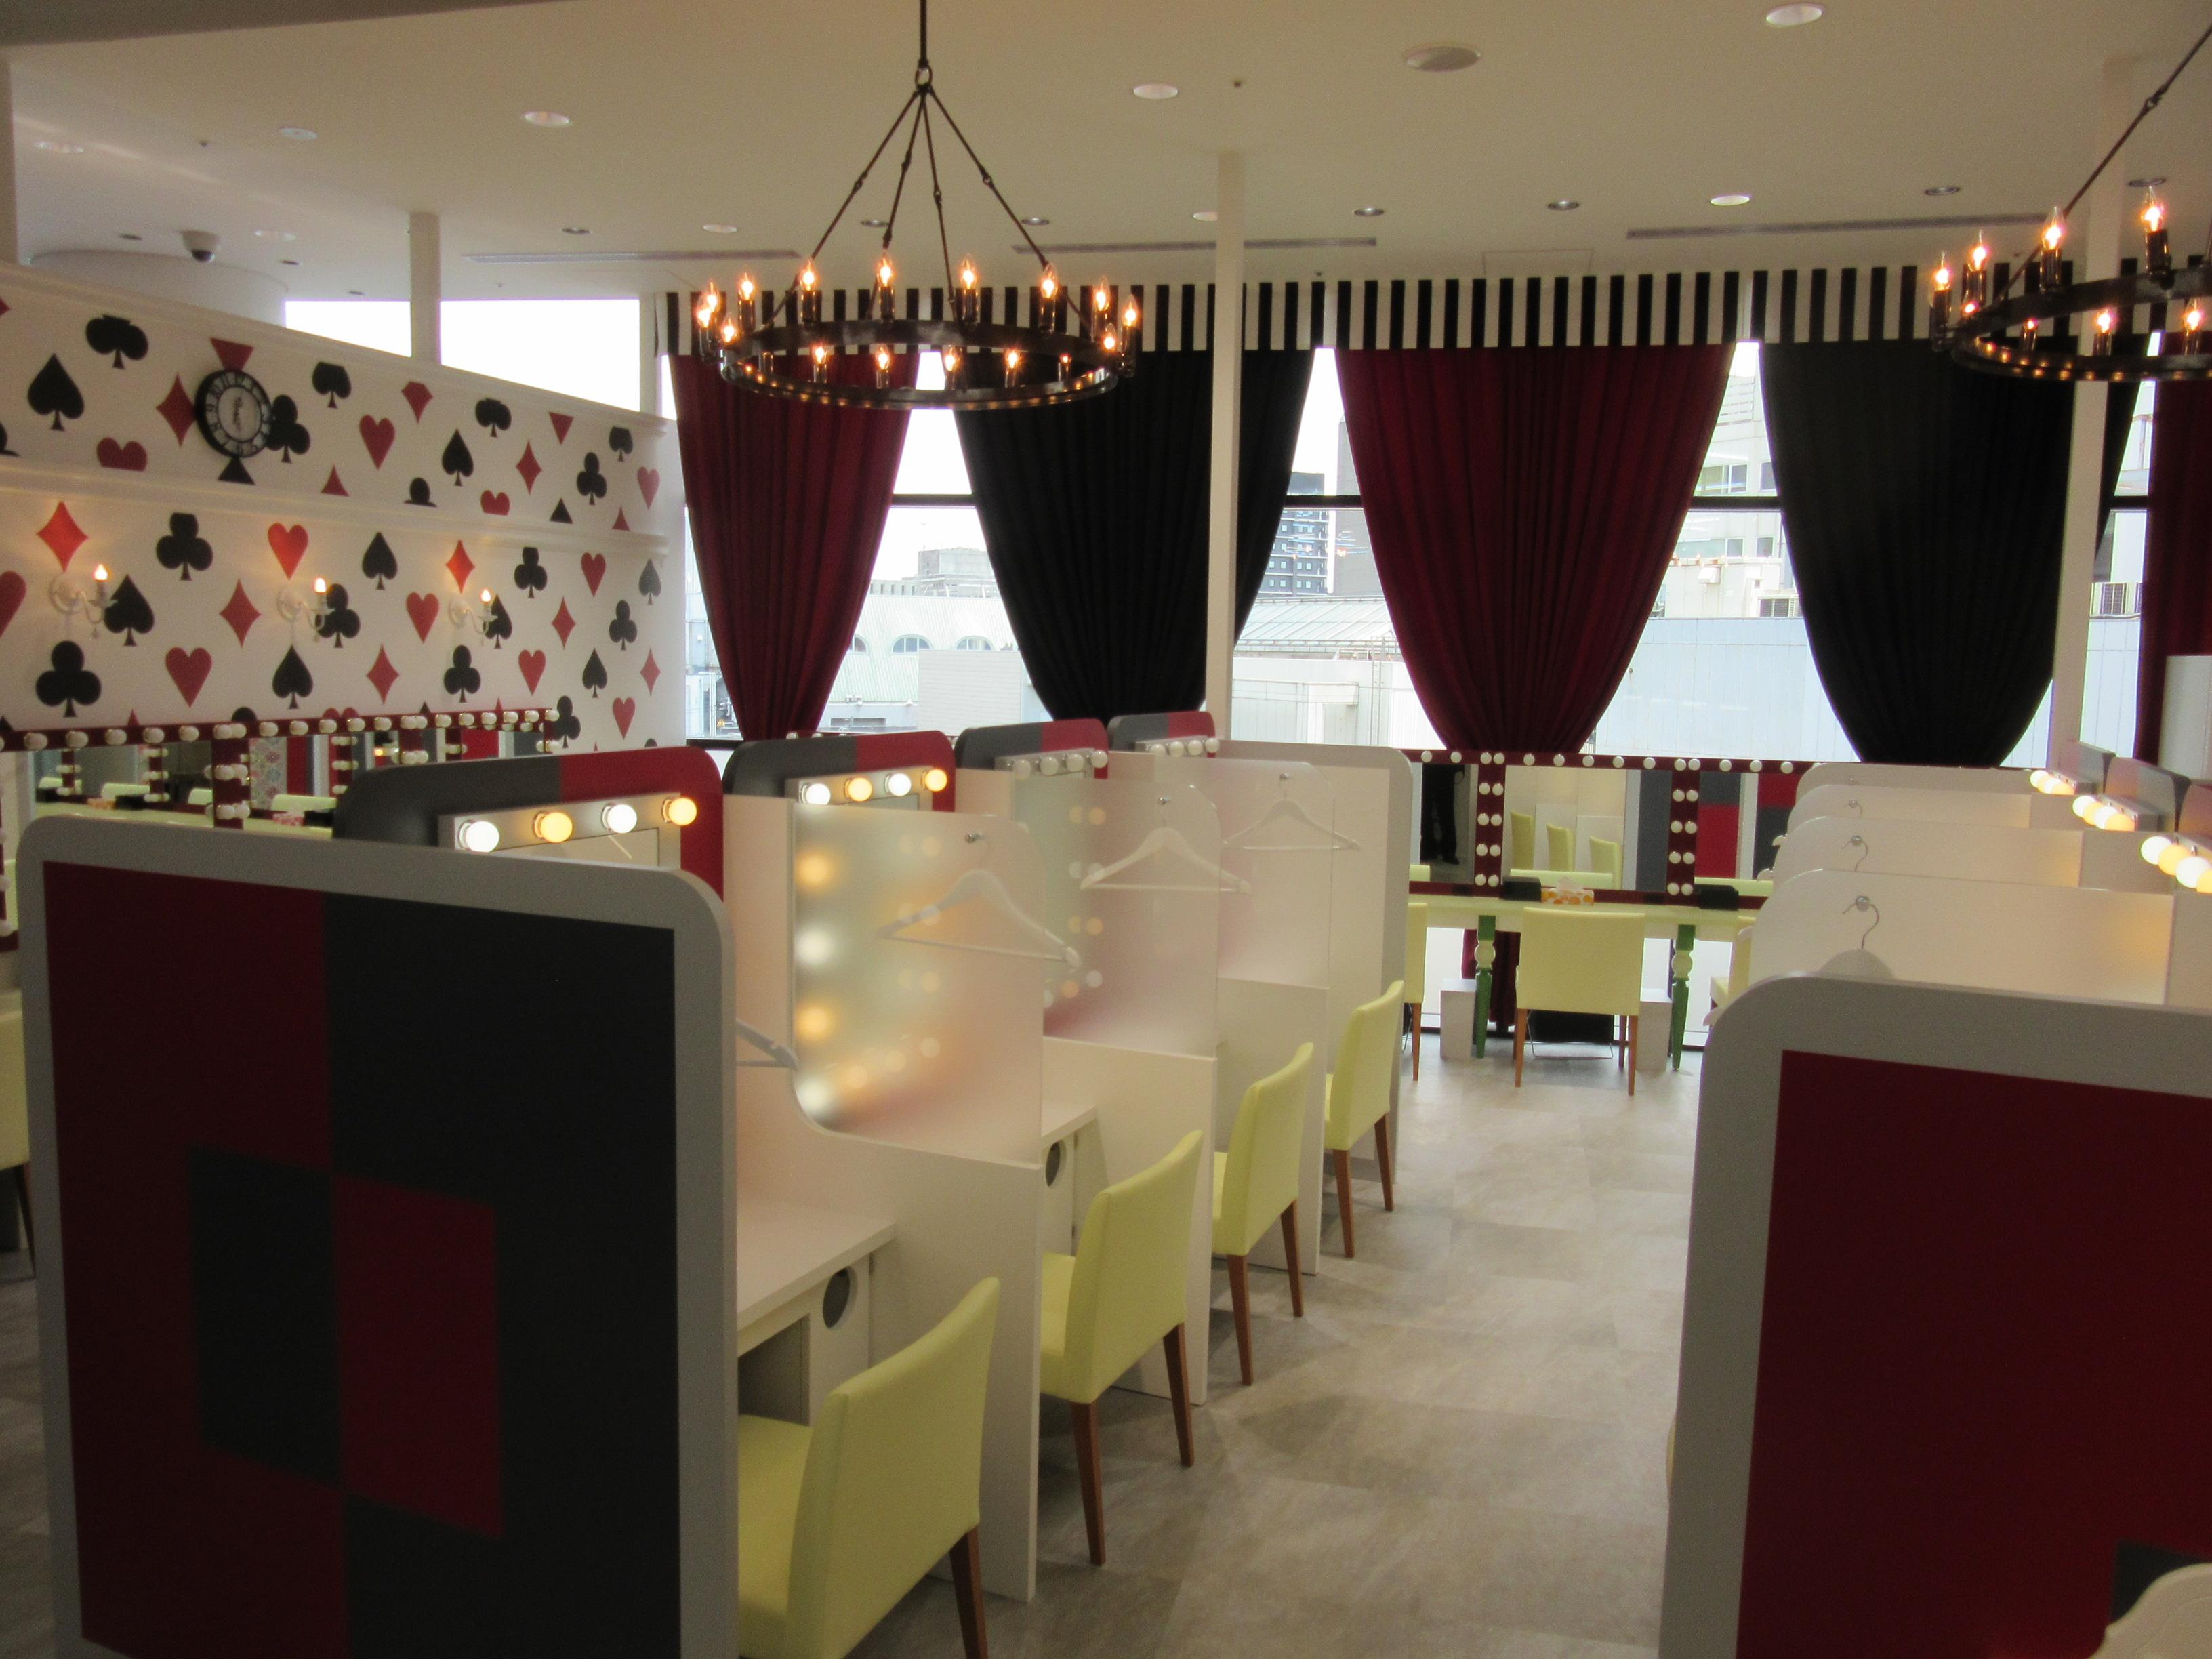 有料パウダールームのe-princessでは、備え付けのコスメや理美容家電を使ってヘアケアやスキンケア、メイクができる。席数は27あり、ルーム内の雰囲気は売り場と全く異なる